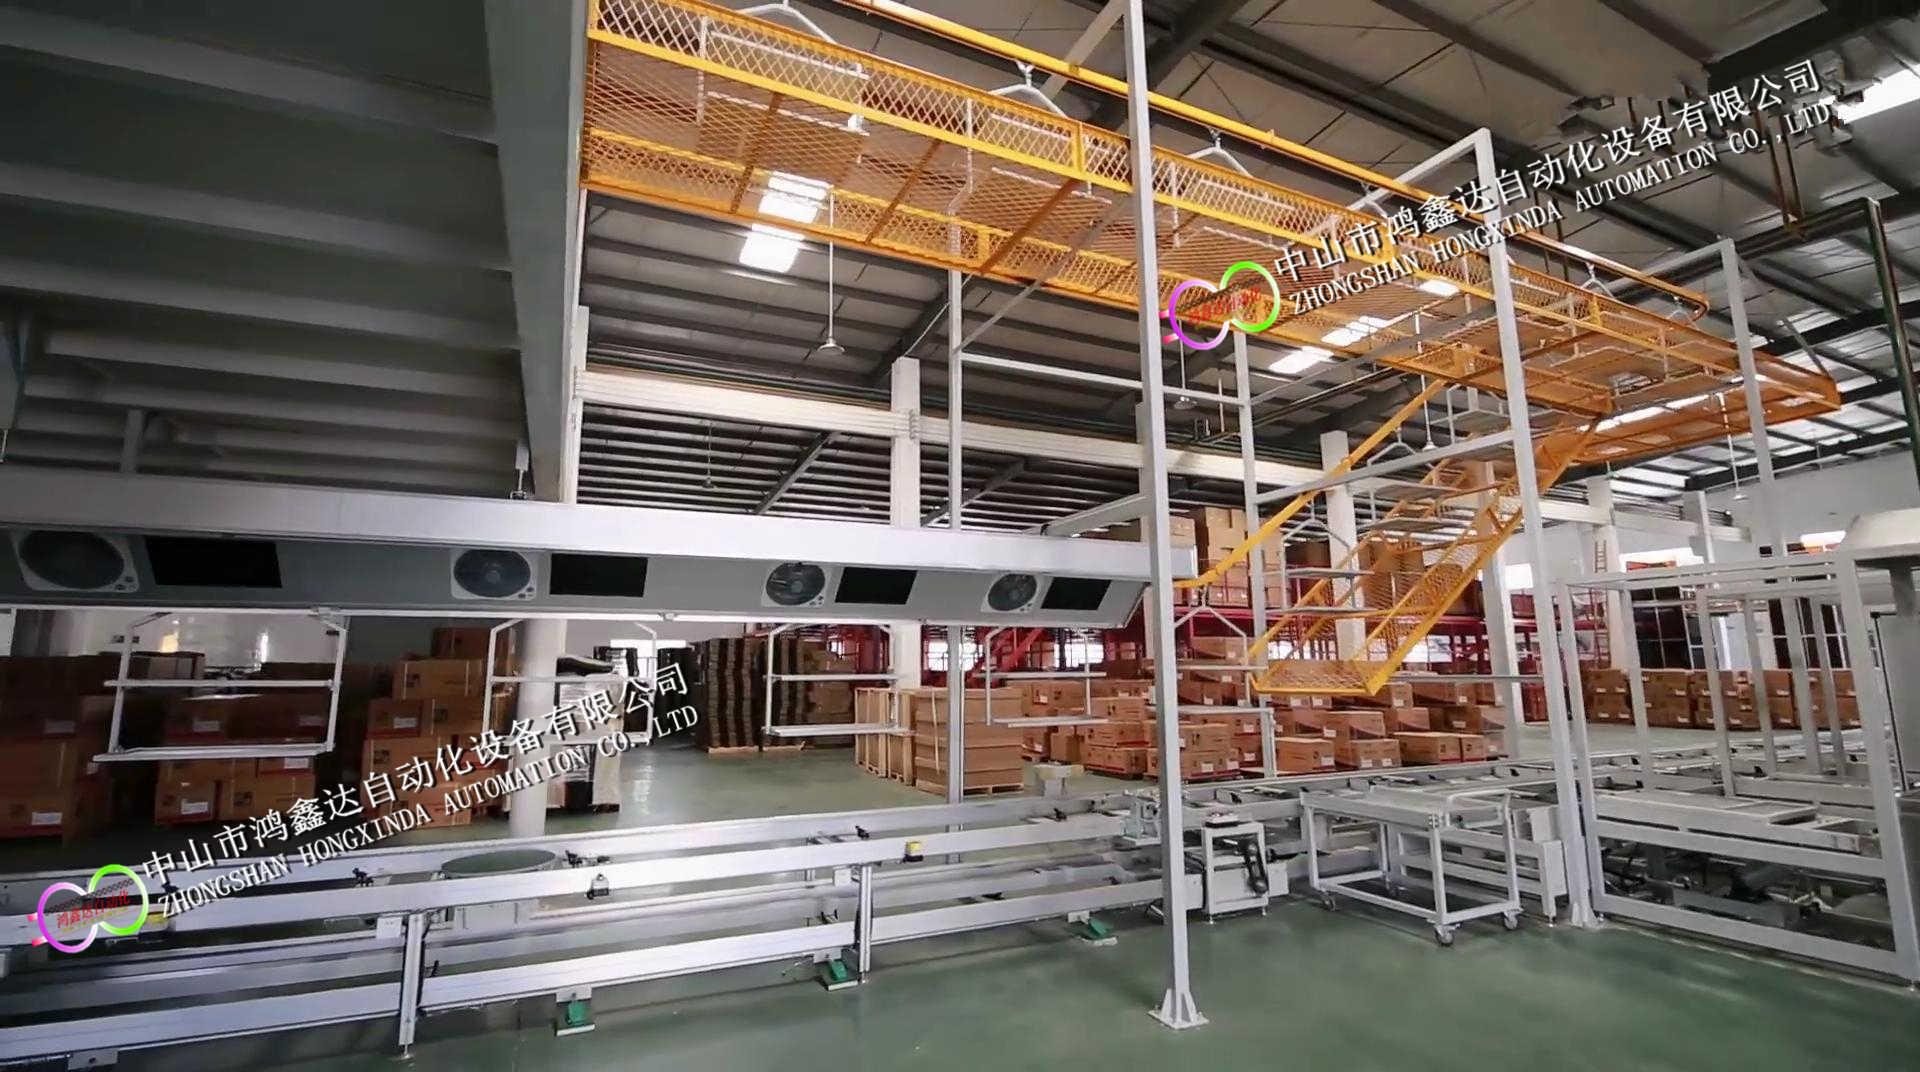 瑞马燃气壁挂炉生产检测设备及新增生产线展示-1080_20180117081929.JPG